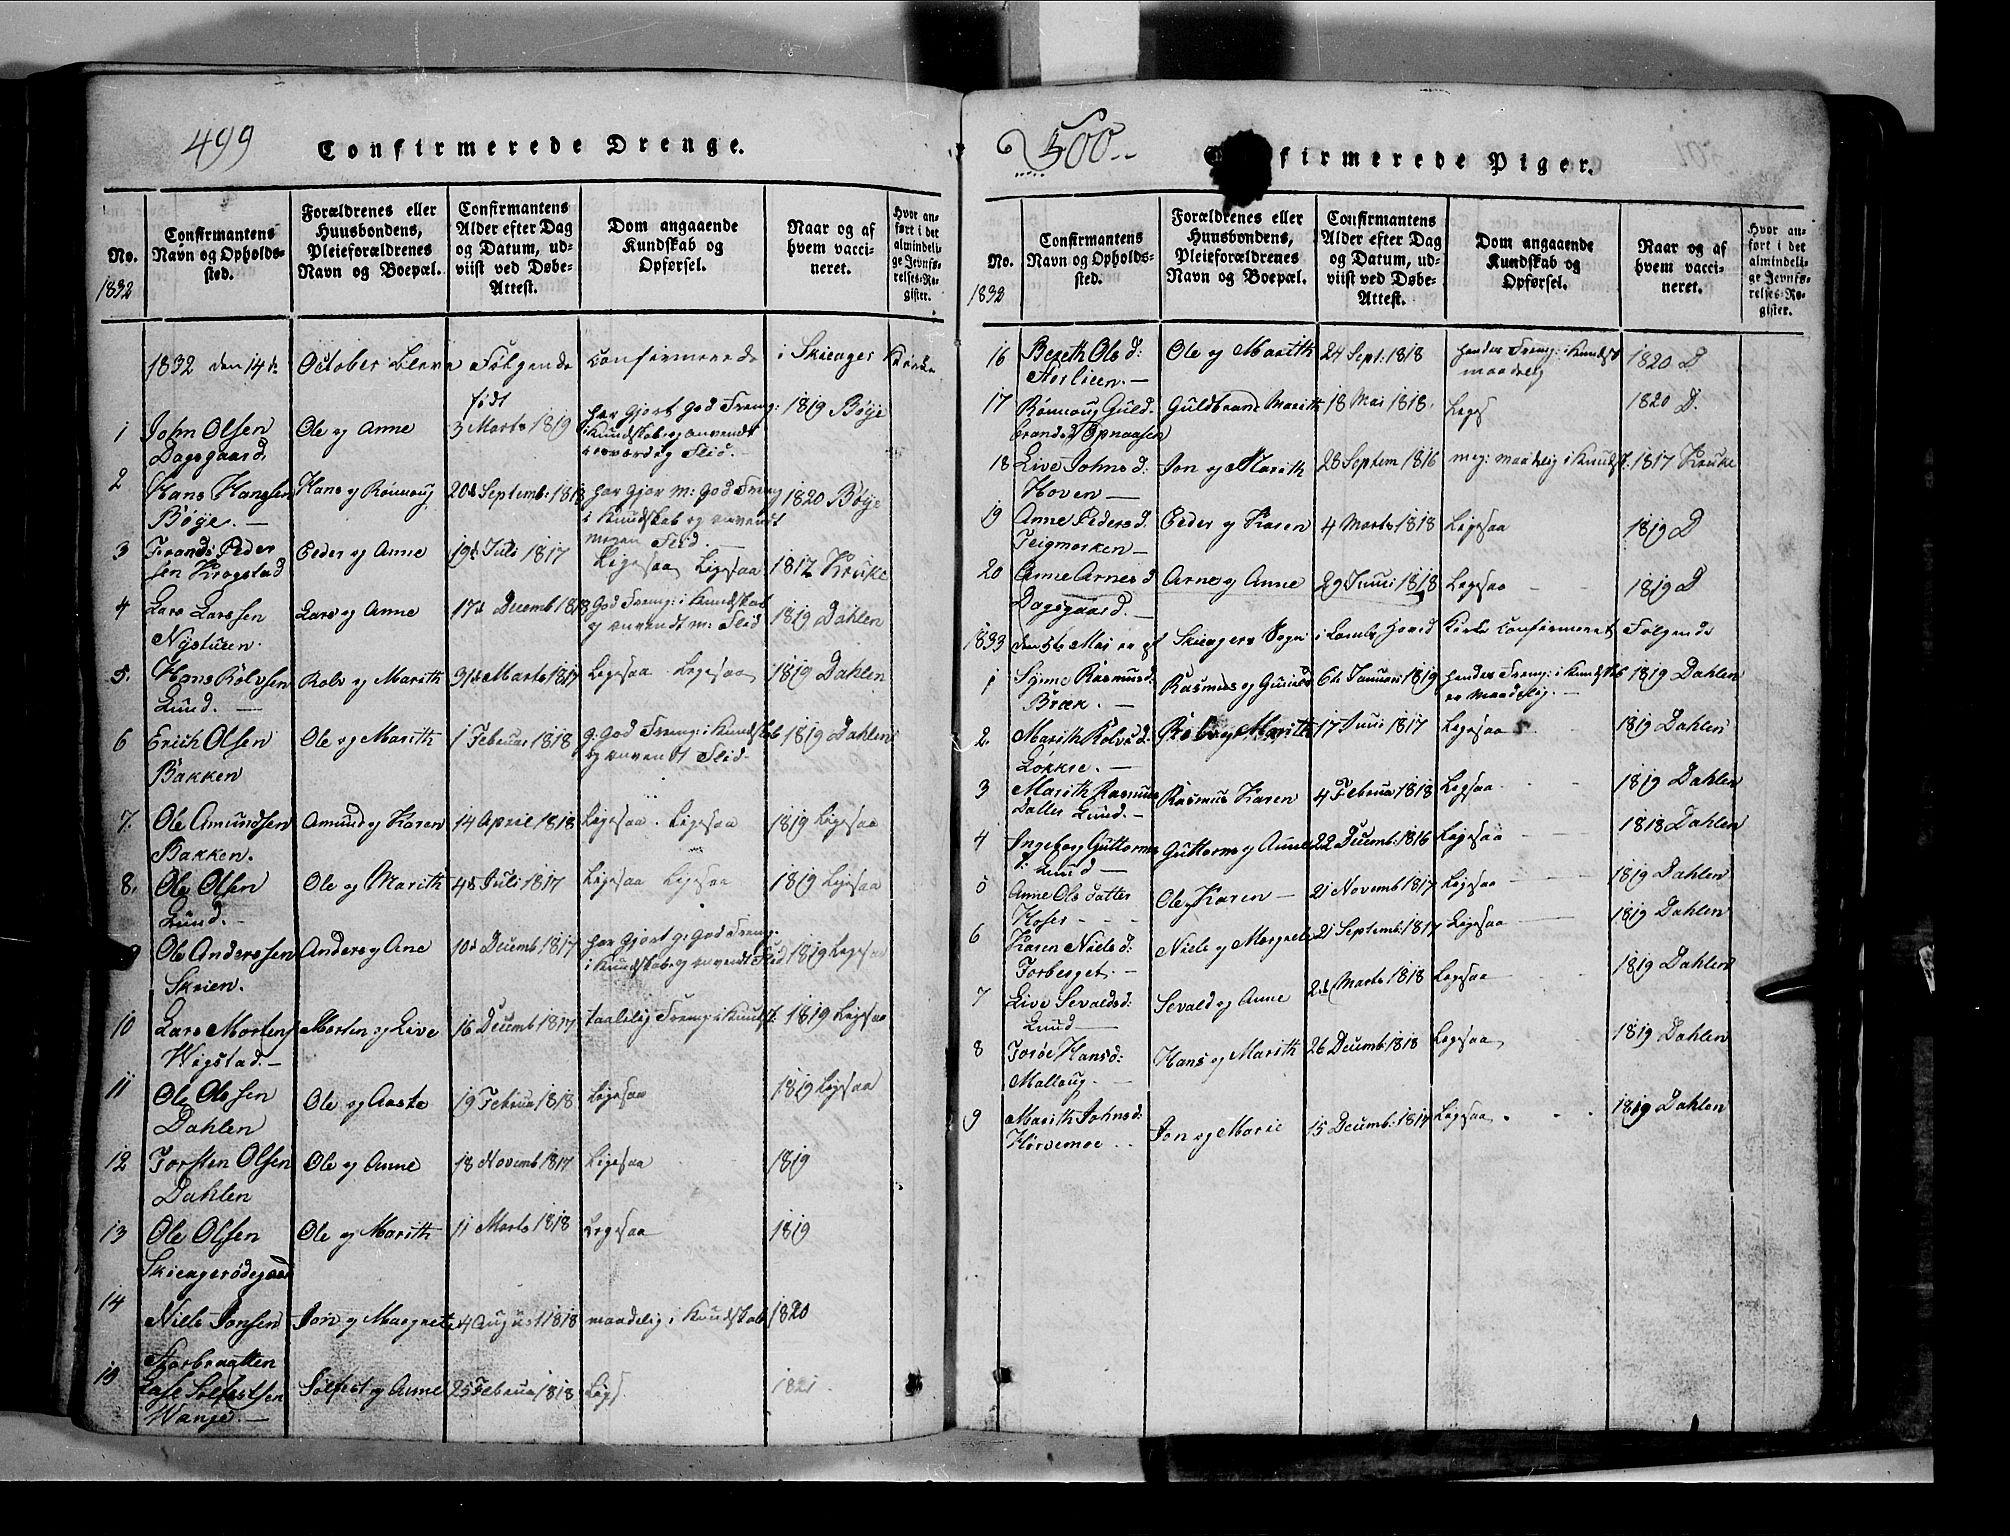 SAH, Lom prestekontor, L/L0003: Klokkerbok nr. 3, 1815-1844, s. 499-500